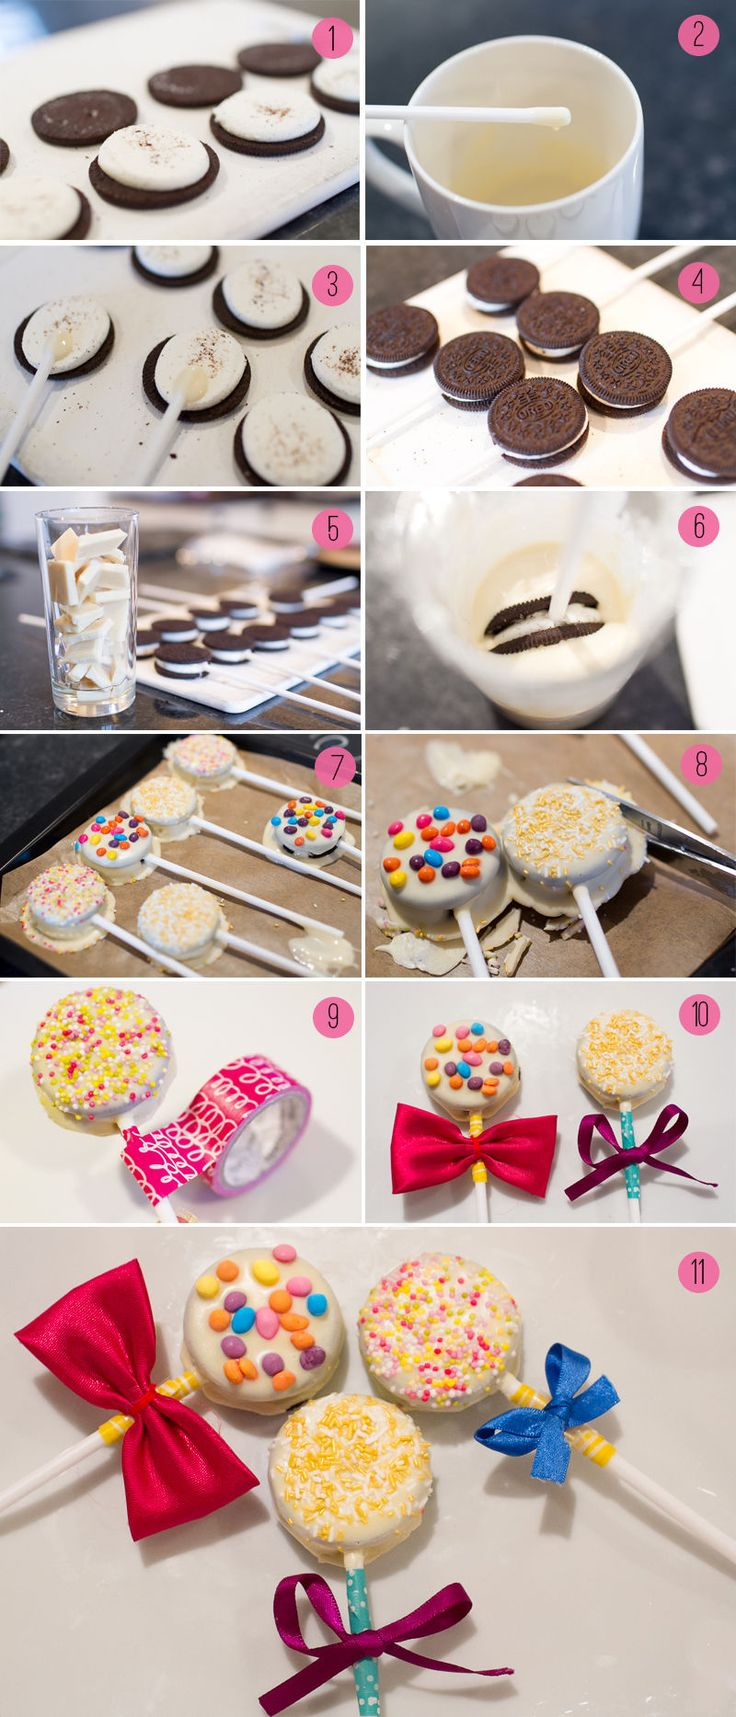 DIY Oreo Pops delicious recipe oreos recipes dessert recipe dessert recipes food tutorials food tutorial